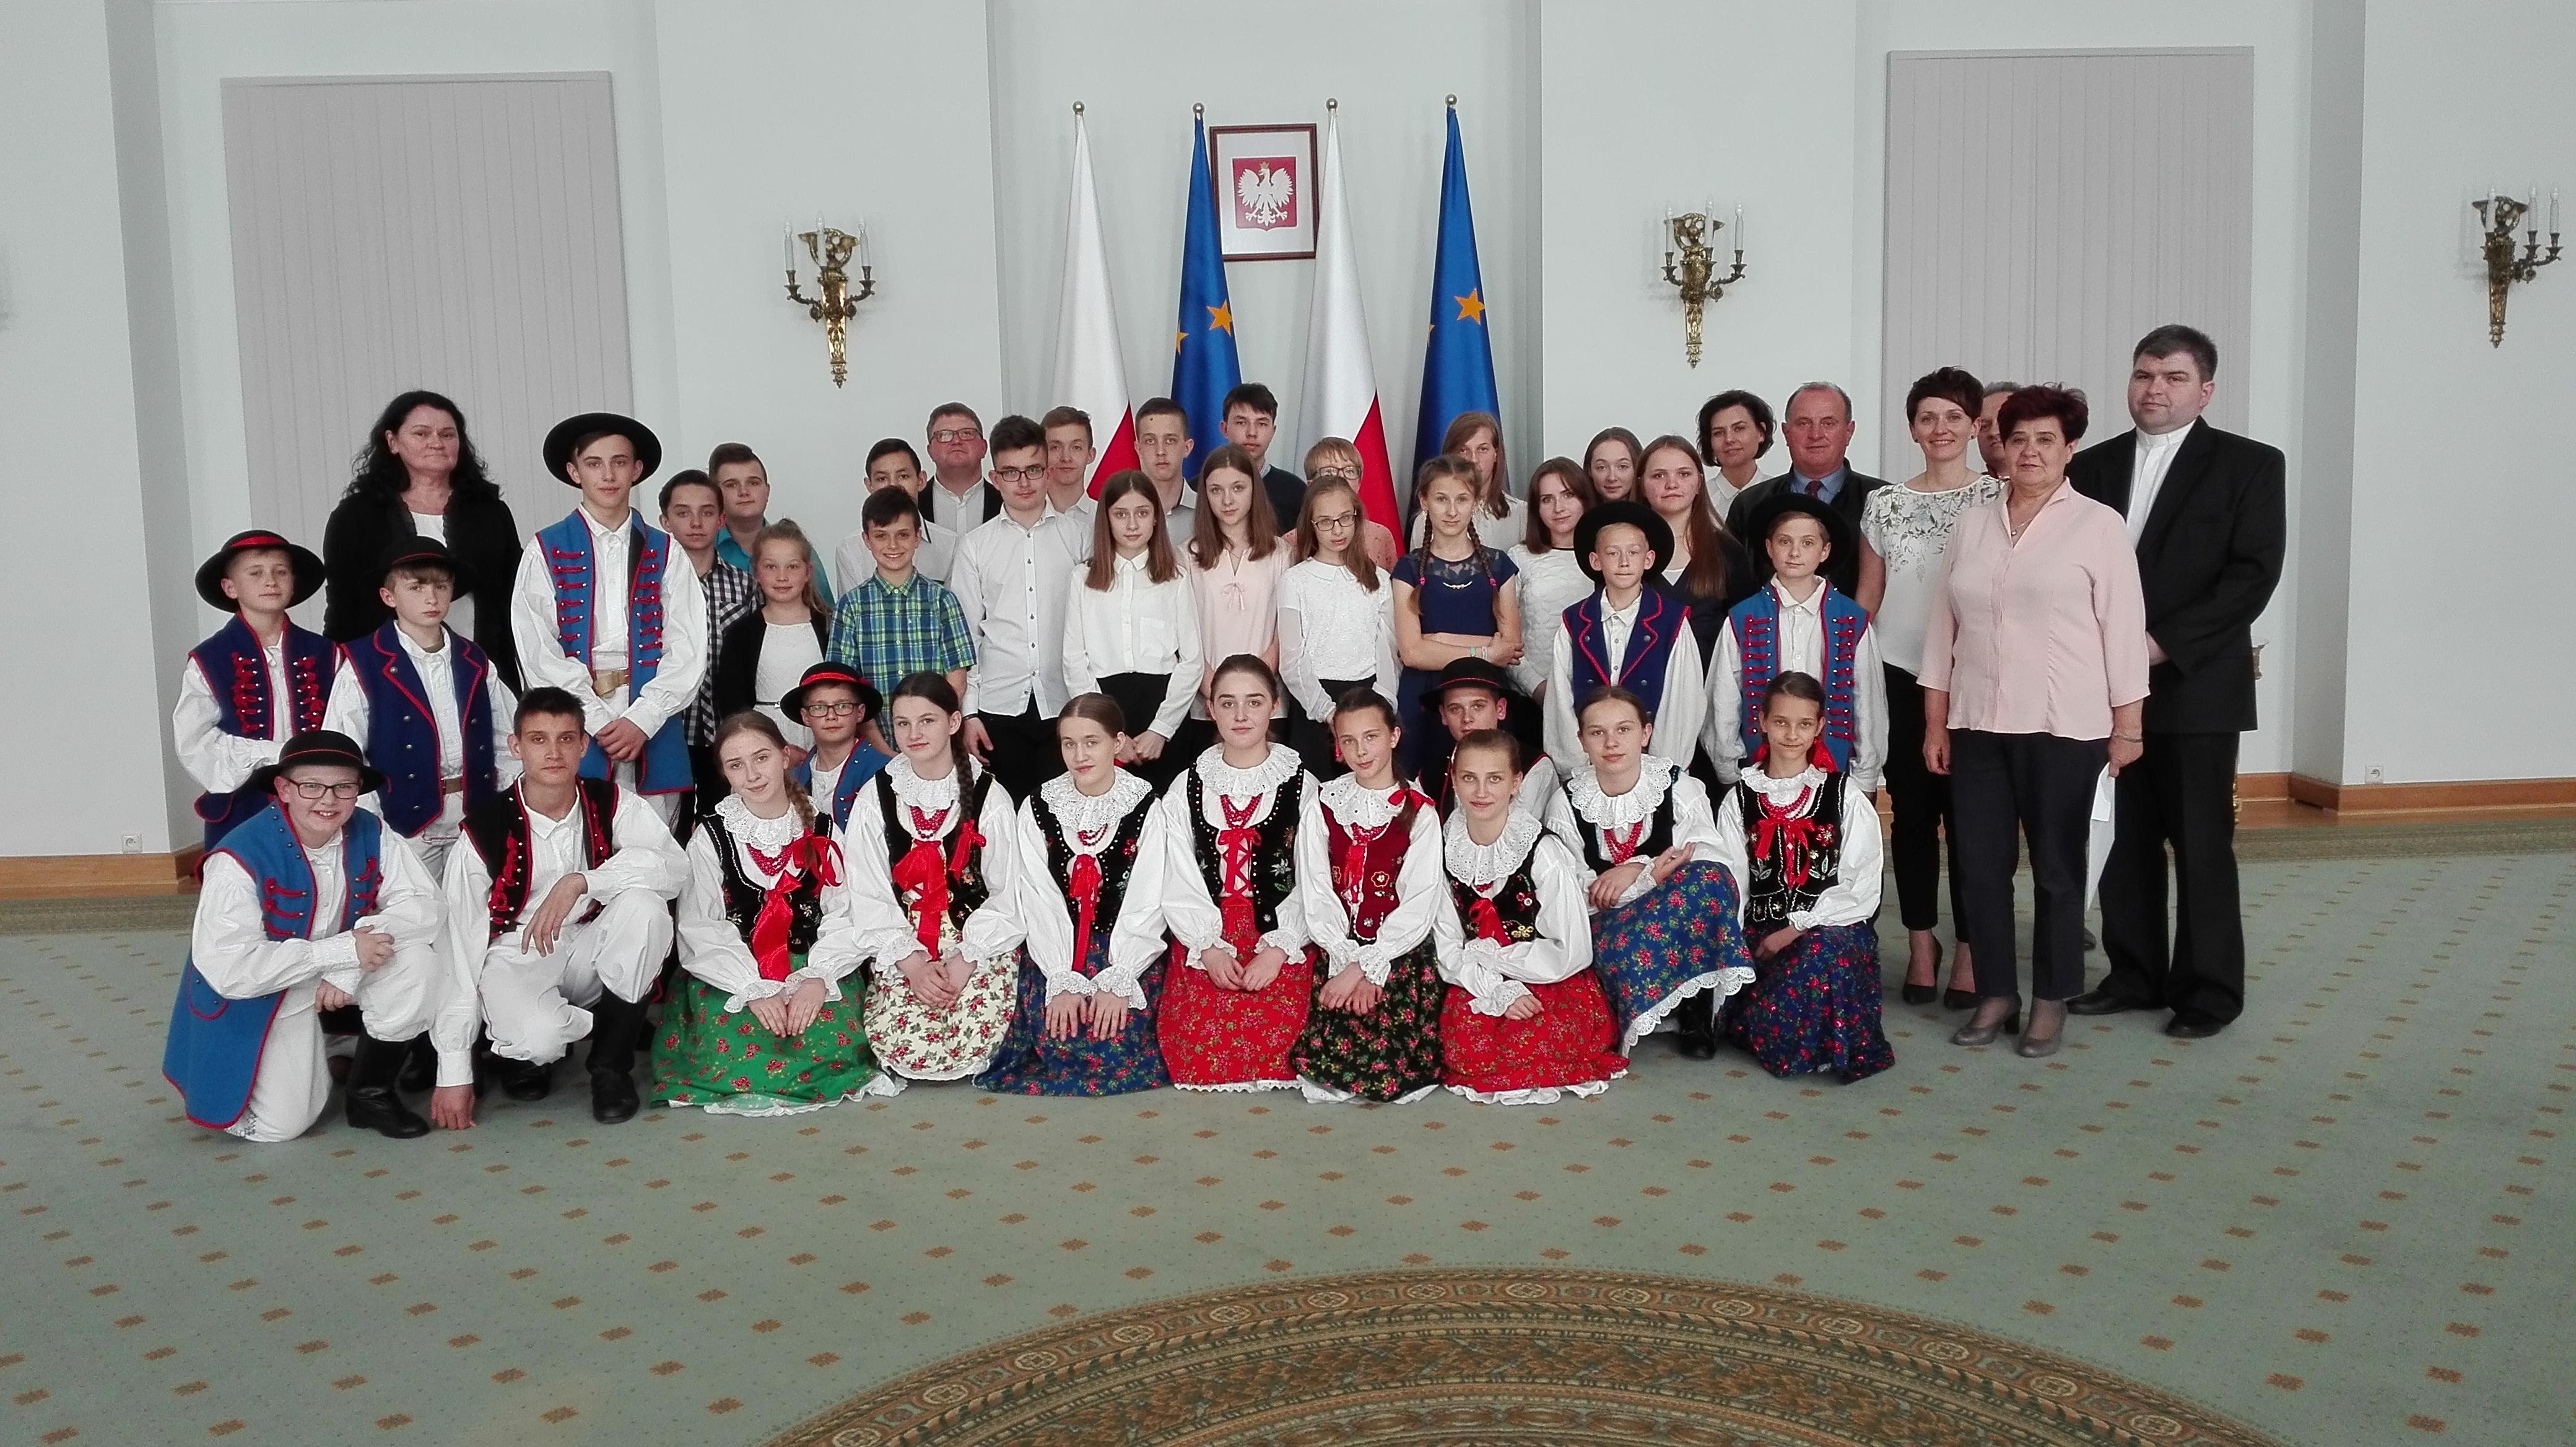 Spotkanie Małżonki Prezydenta z uczniami z Pasierbca - zdjęcie główne